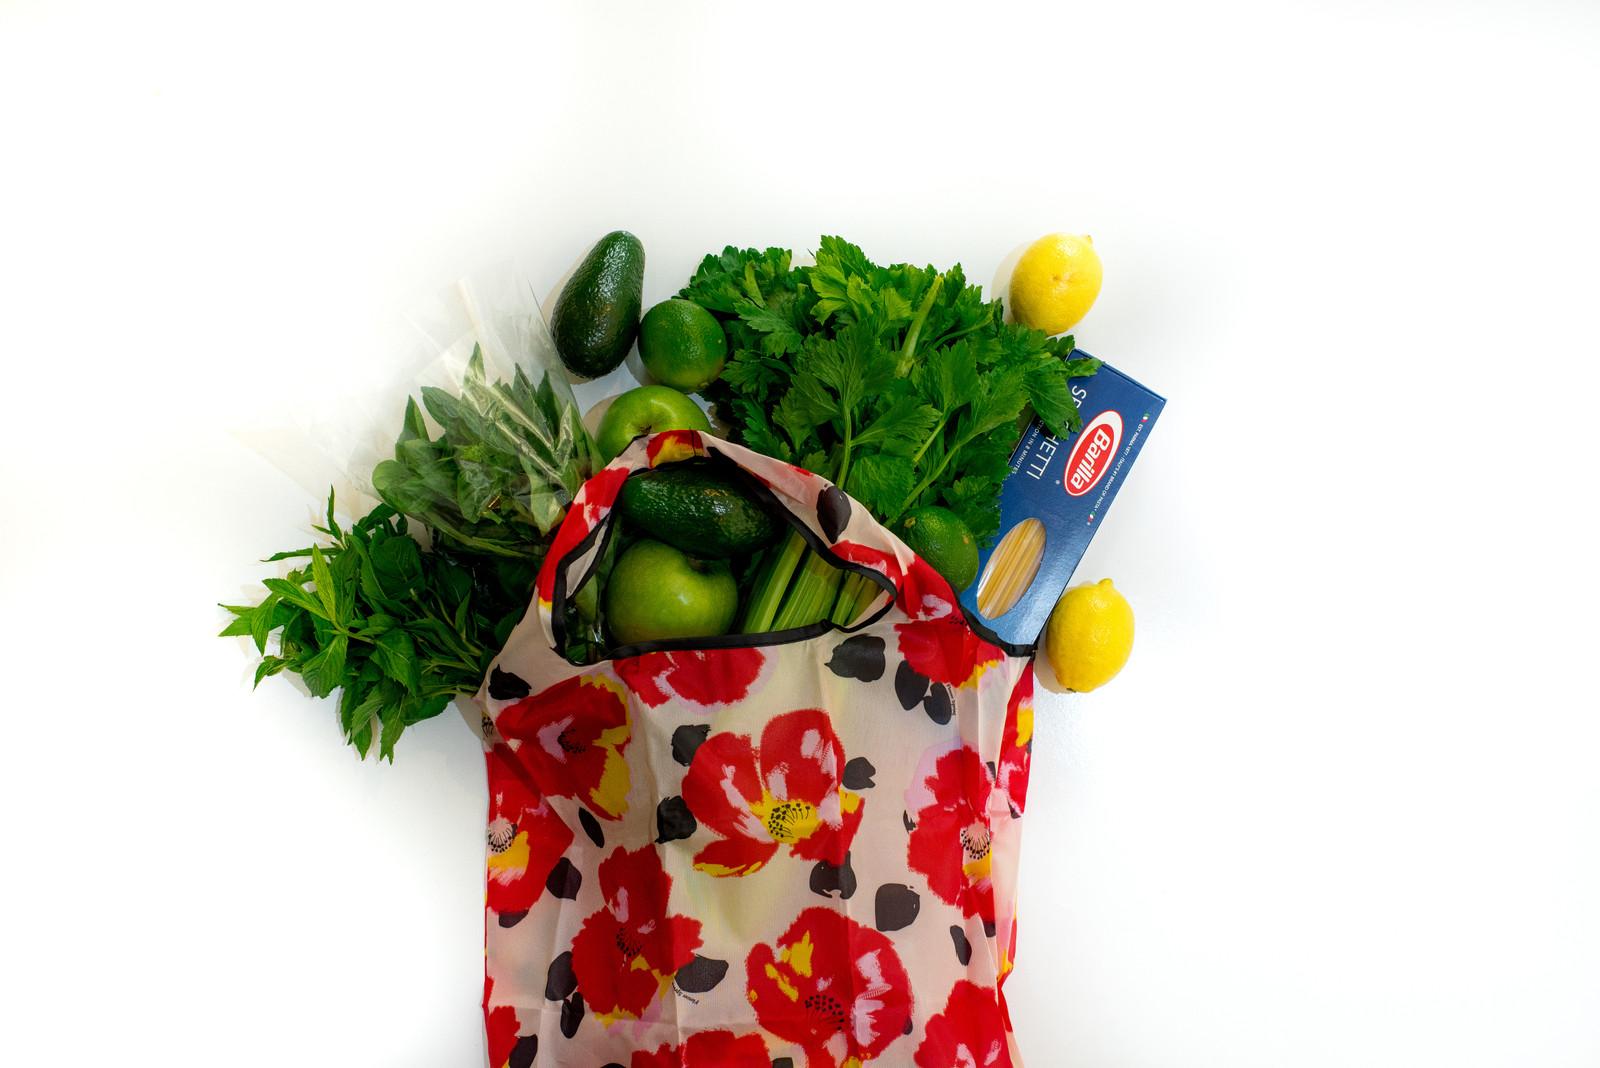 Foldable Midi Shopper (Reusable Bag) -  Love